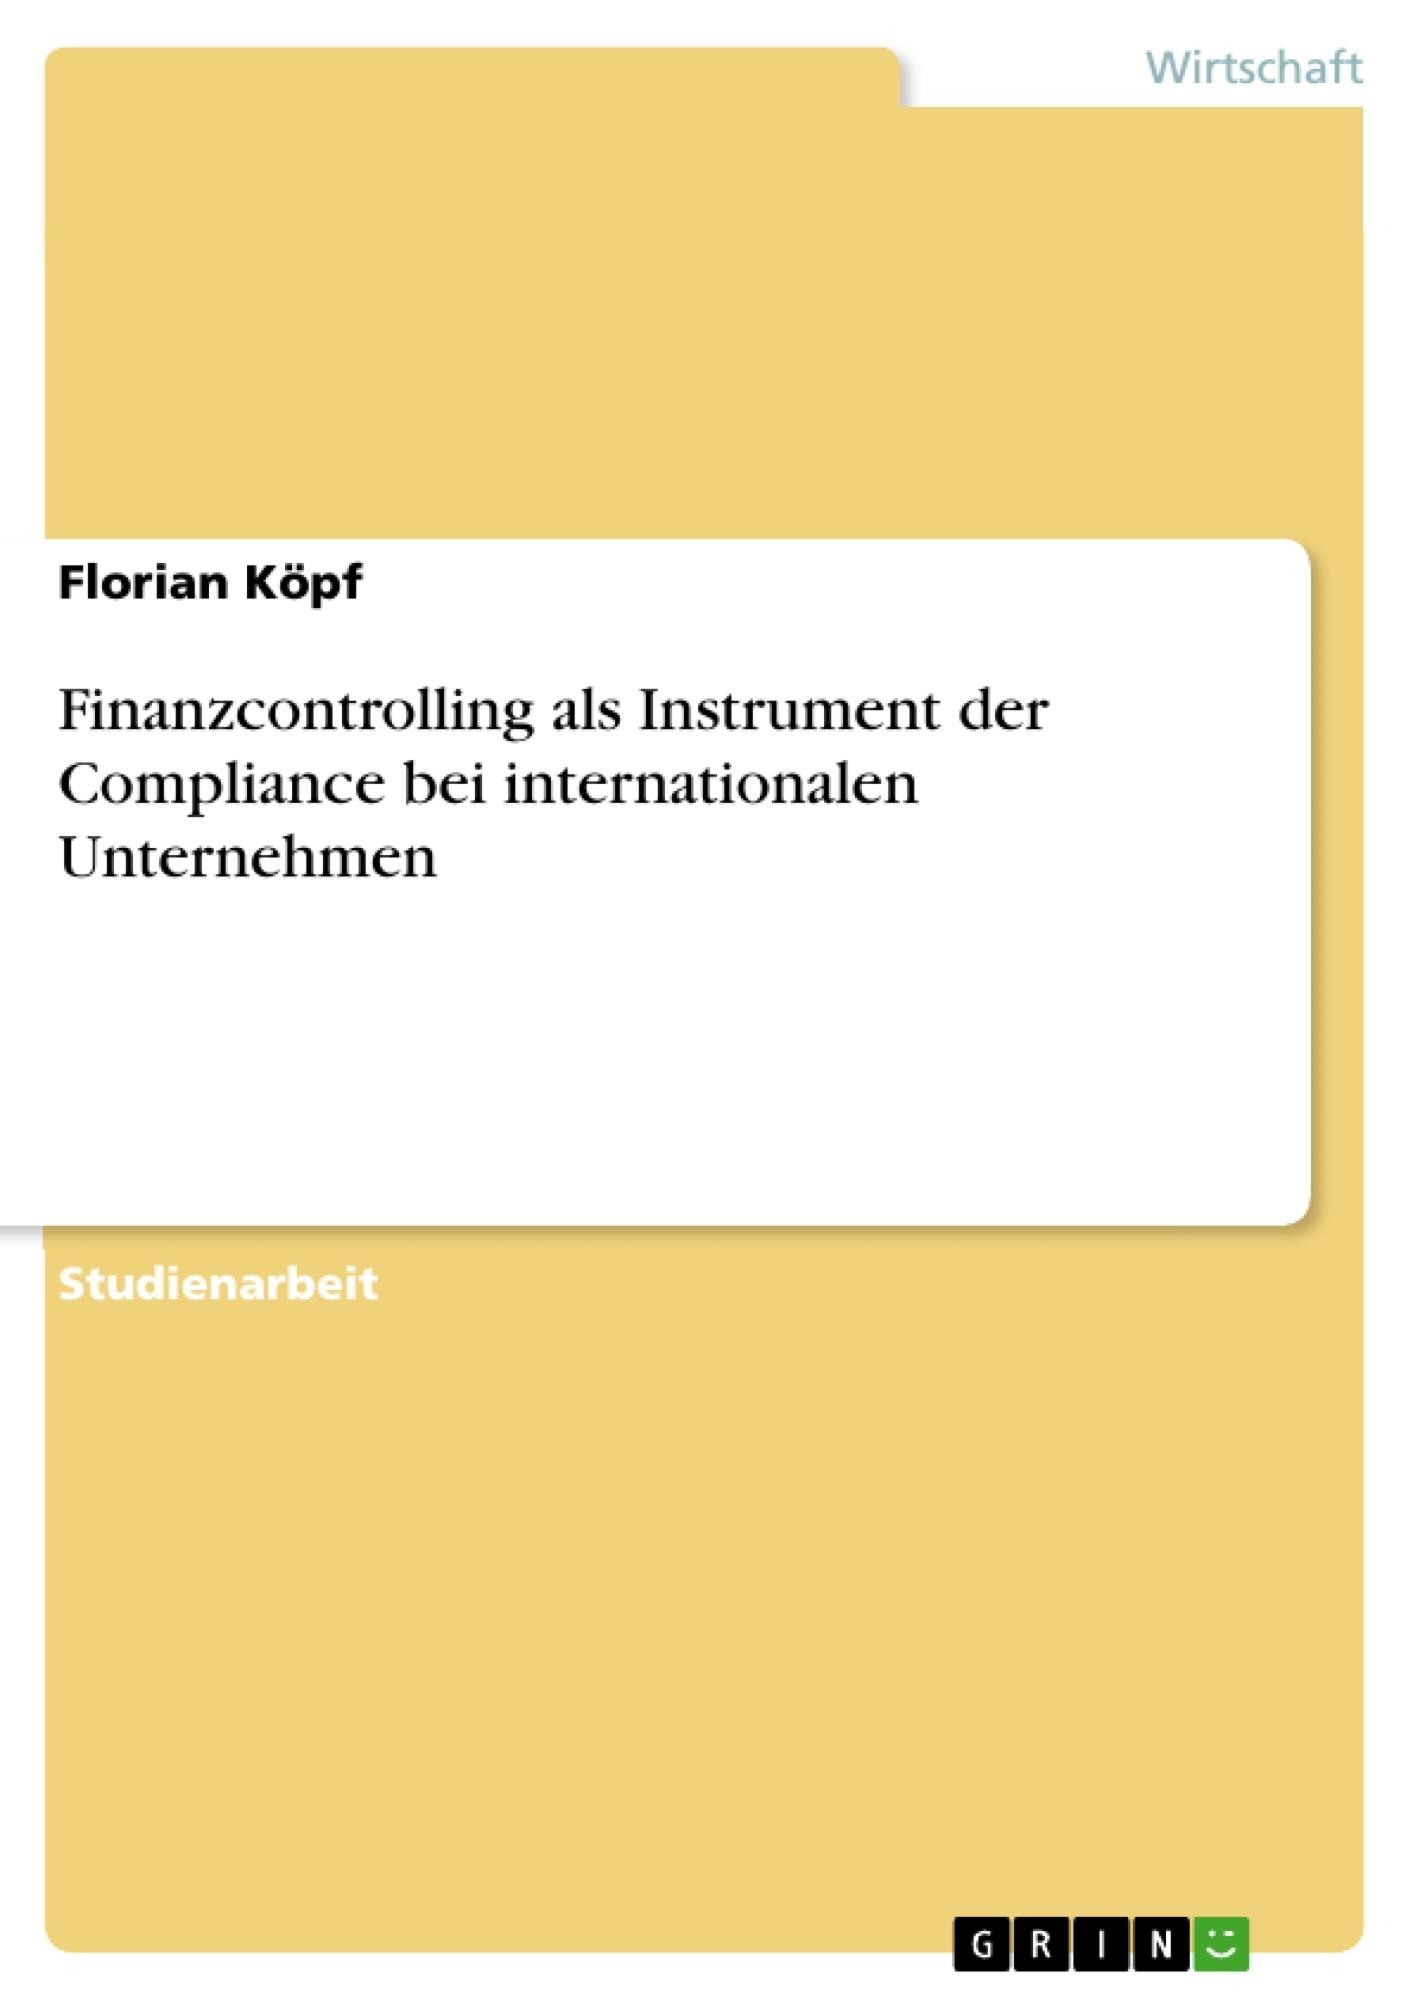 Titel: Finanzcontrolling als Instrument der Compliance bei internationalen Unternehmen